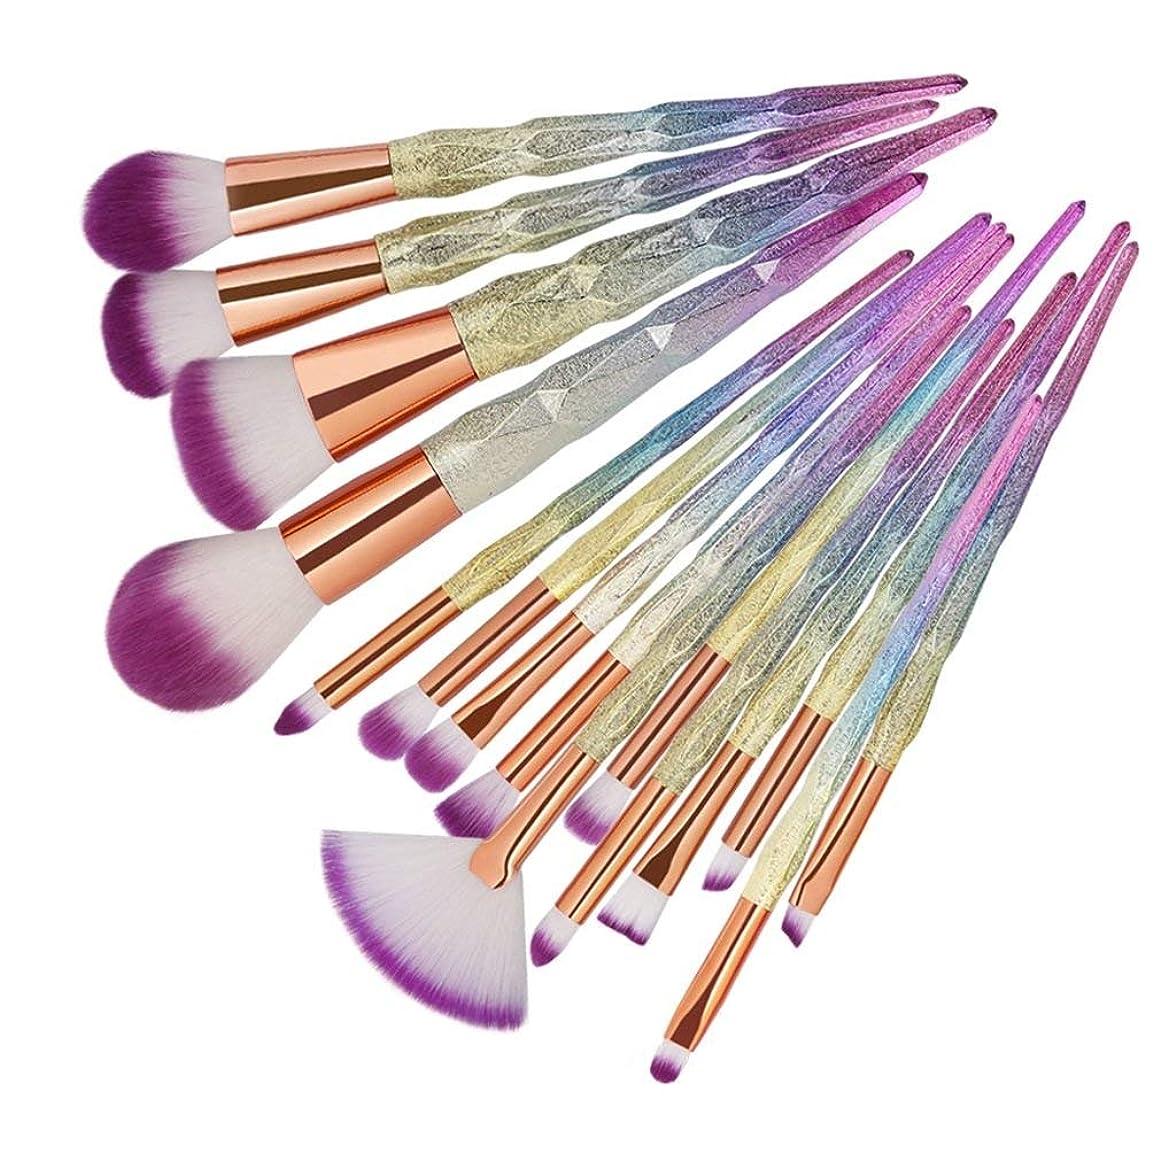 平らなプラグ特殊15個の高度な化粧ブラシセット15個のダイヤモンドハンドルの化粧ブラシブラシ(色:3Dのカラフルなパターン)